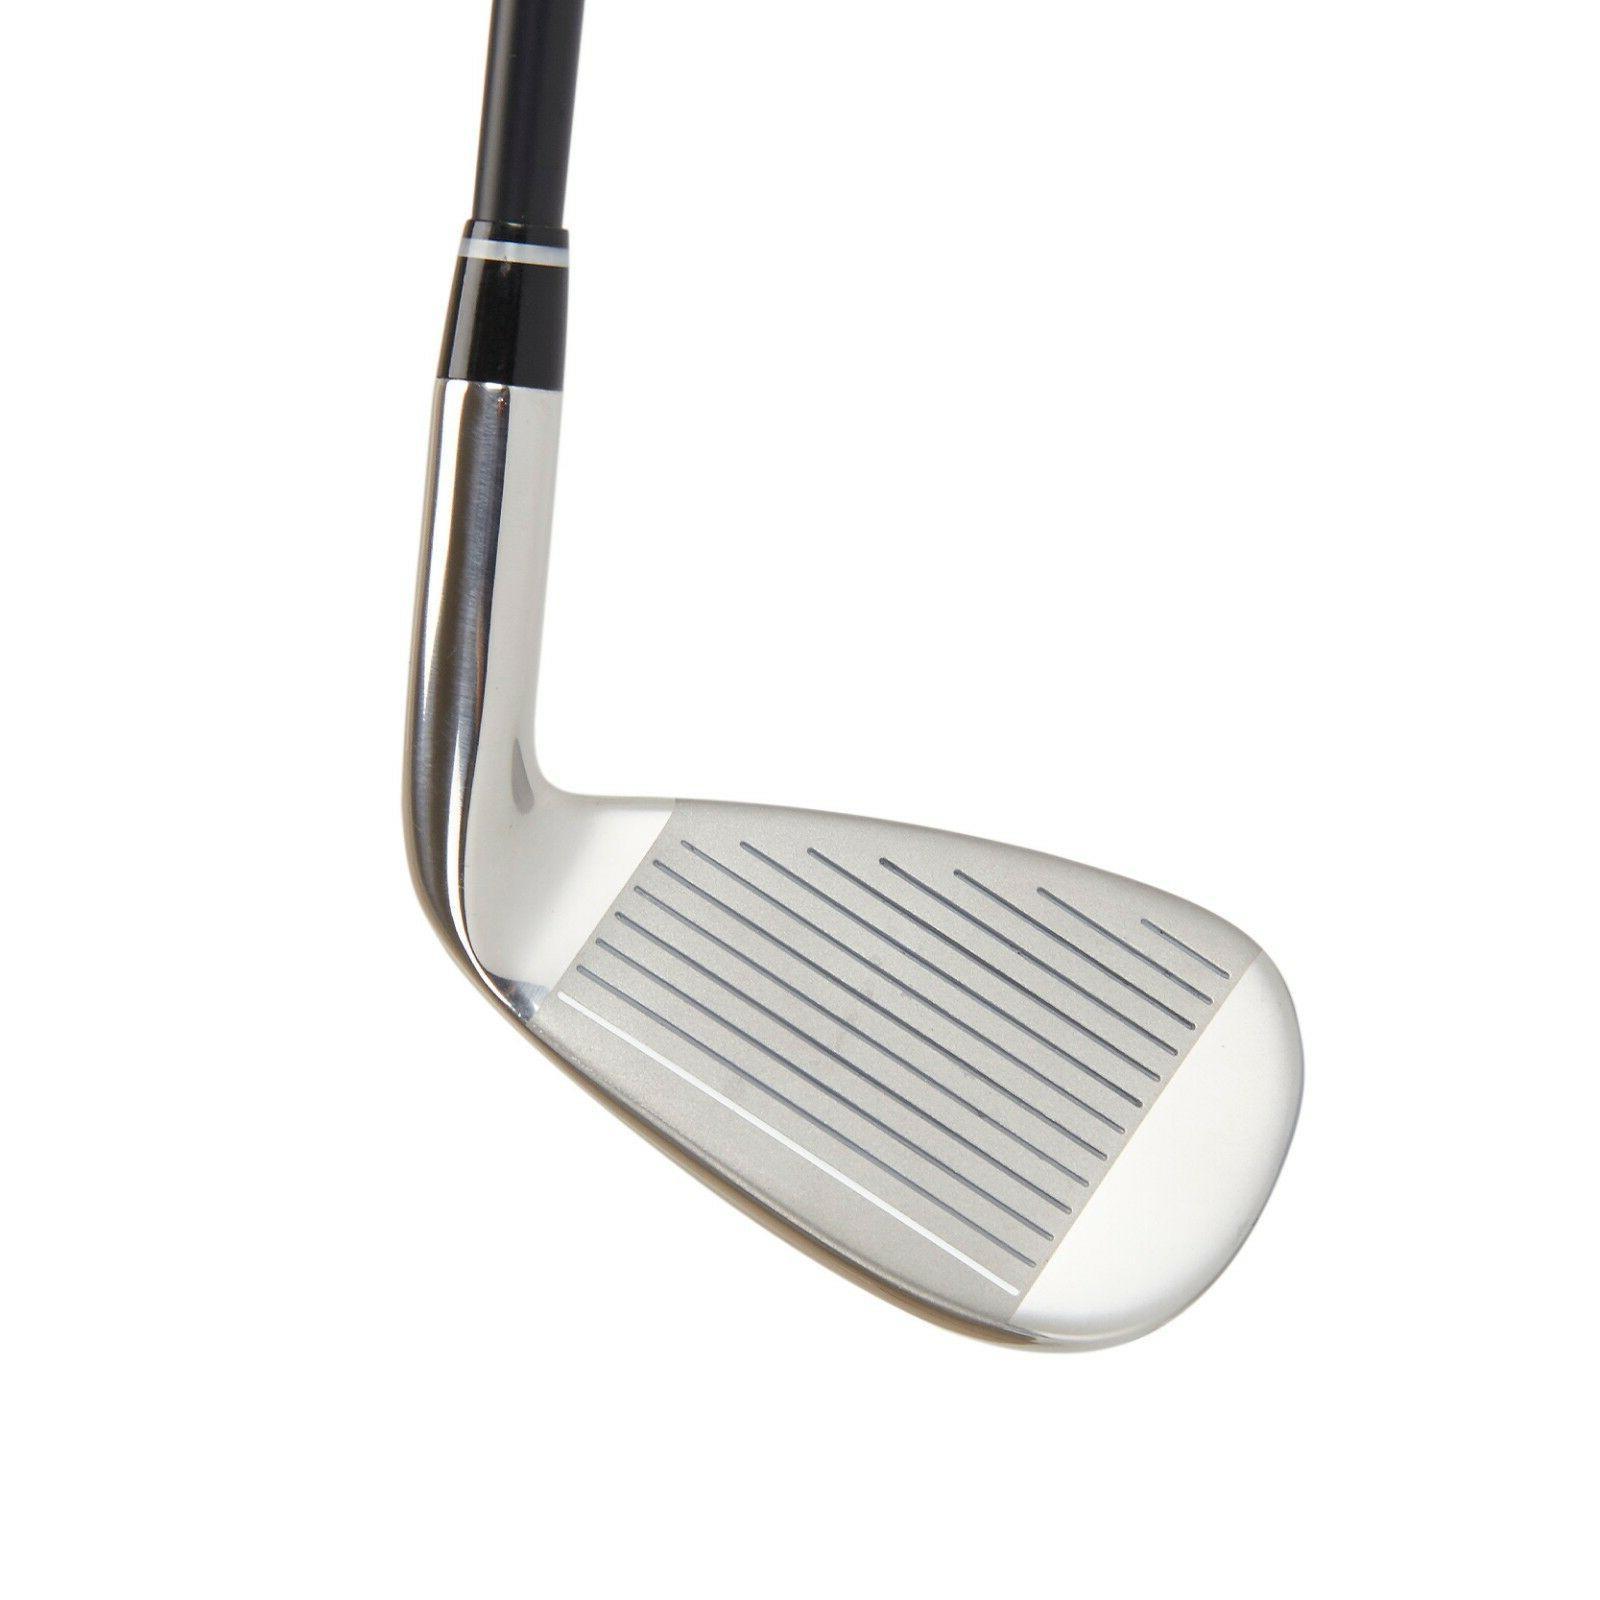 Mazel Golf Individual Iron Golf Club For Single 37.5''RH